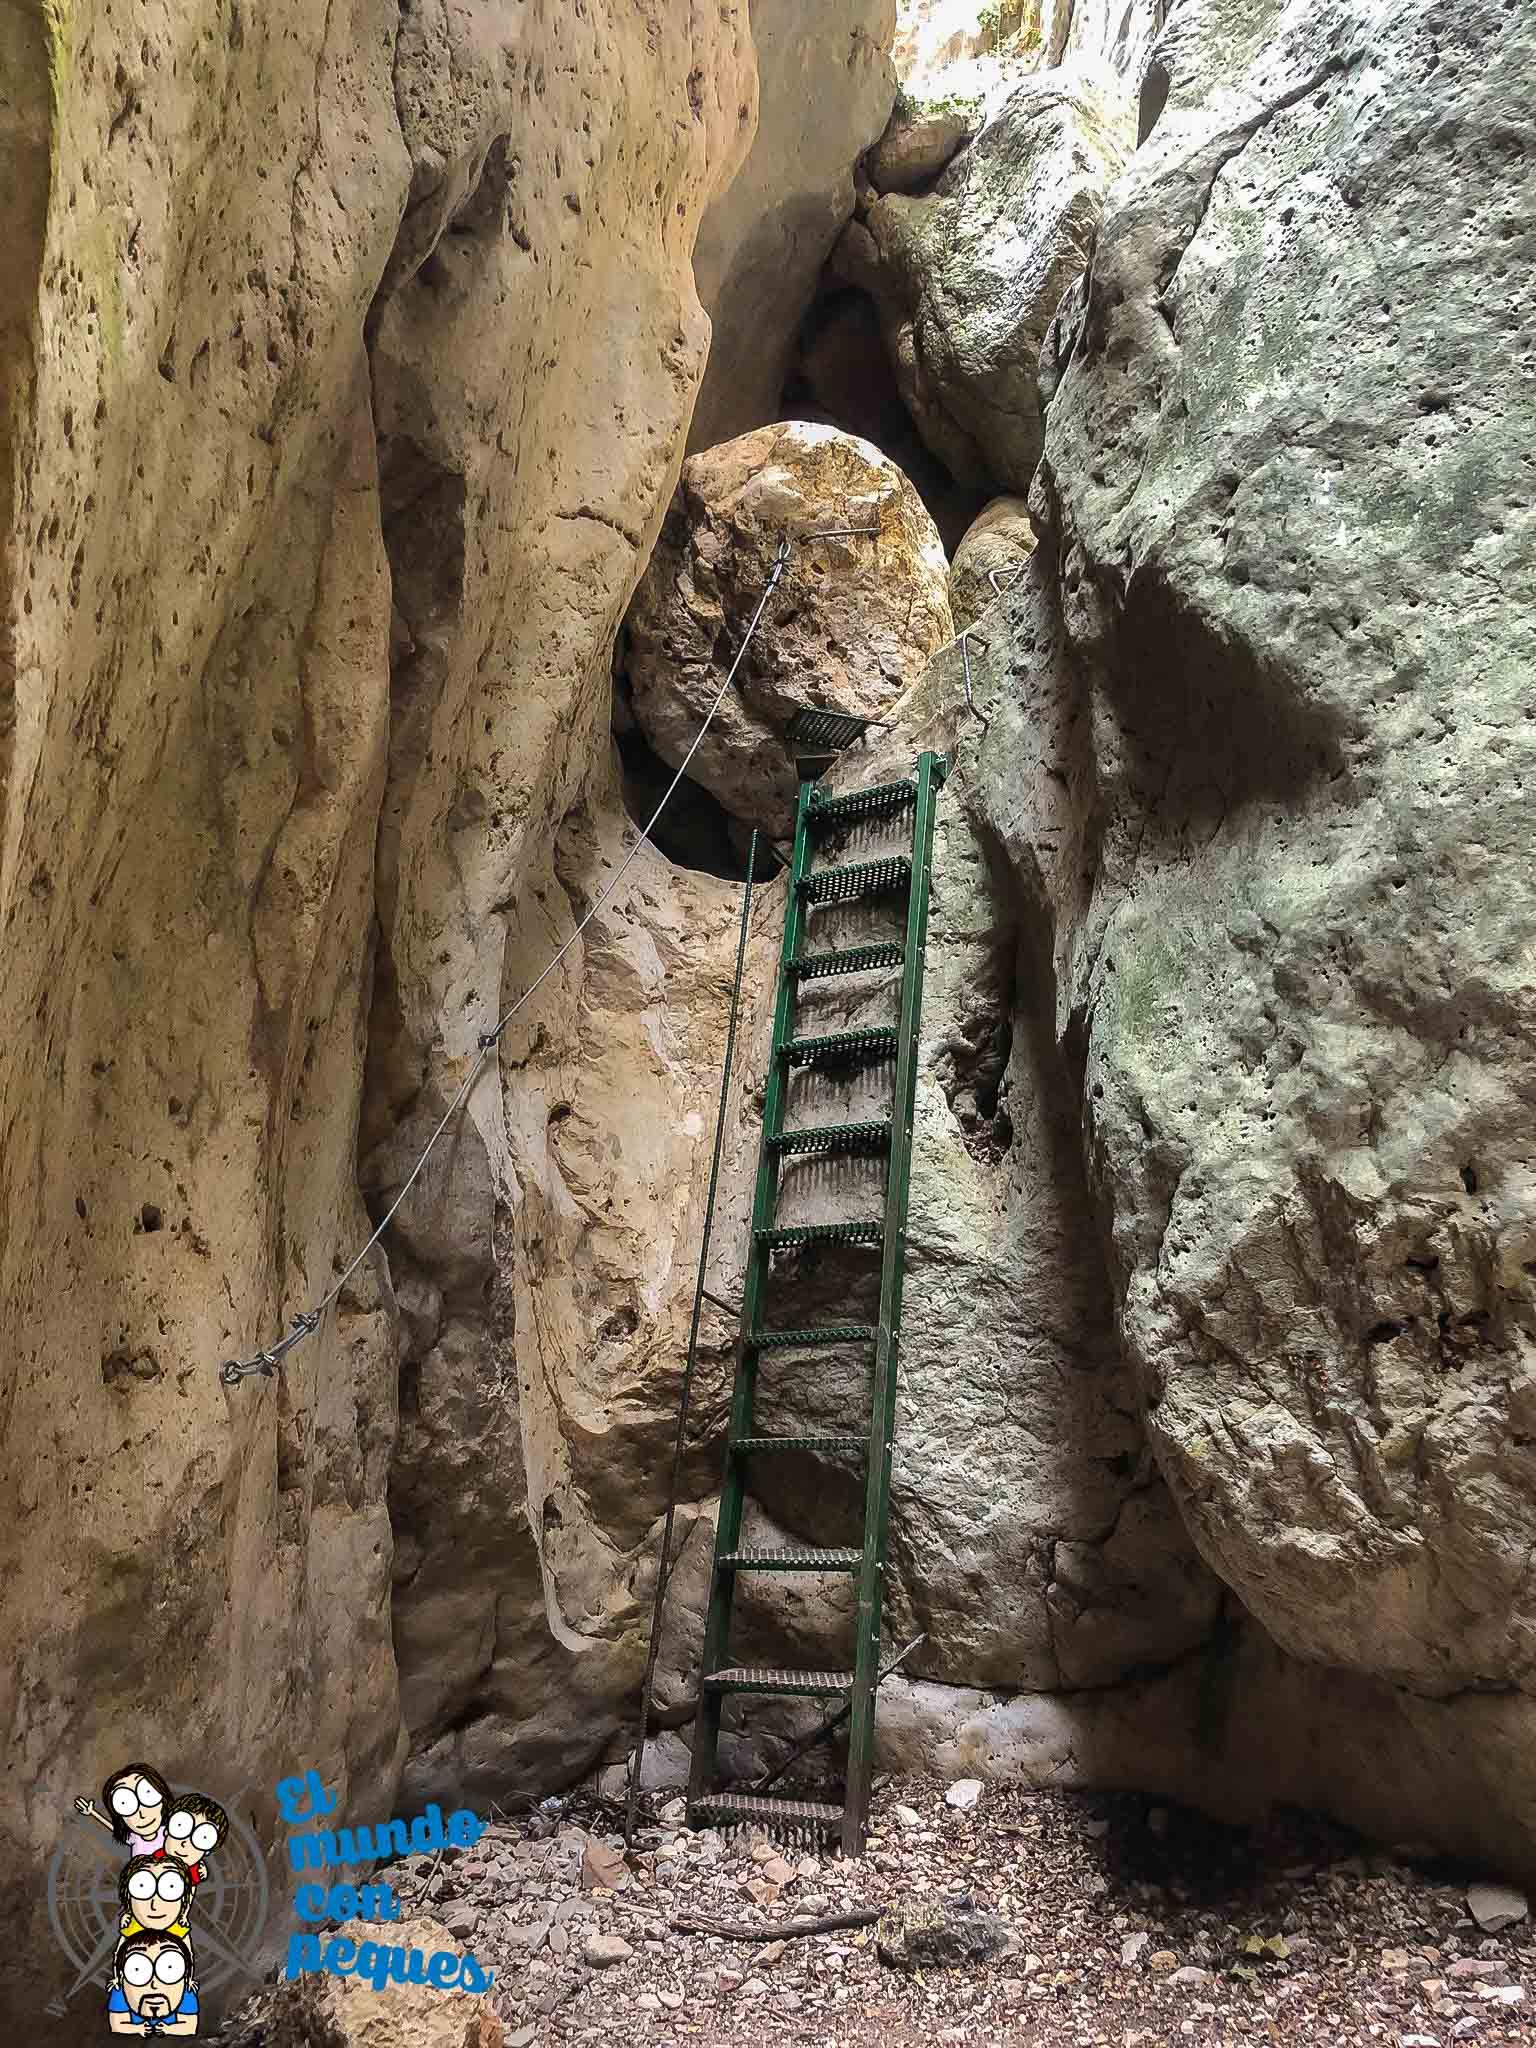 Escaleras para subir diferentes niveles por el barranco